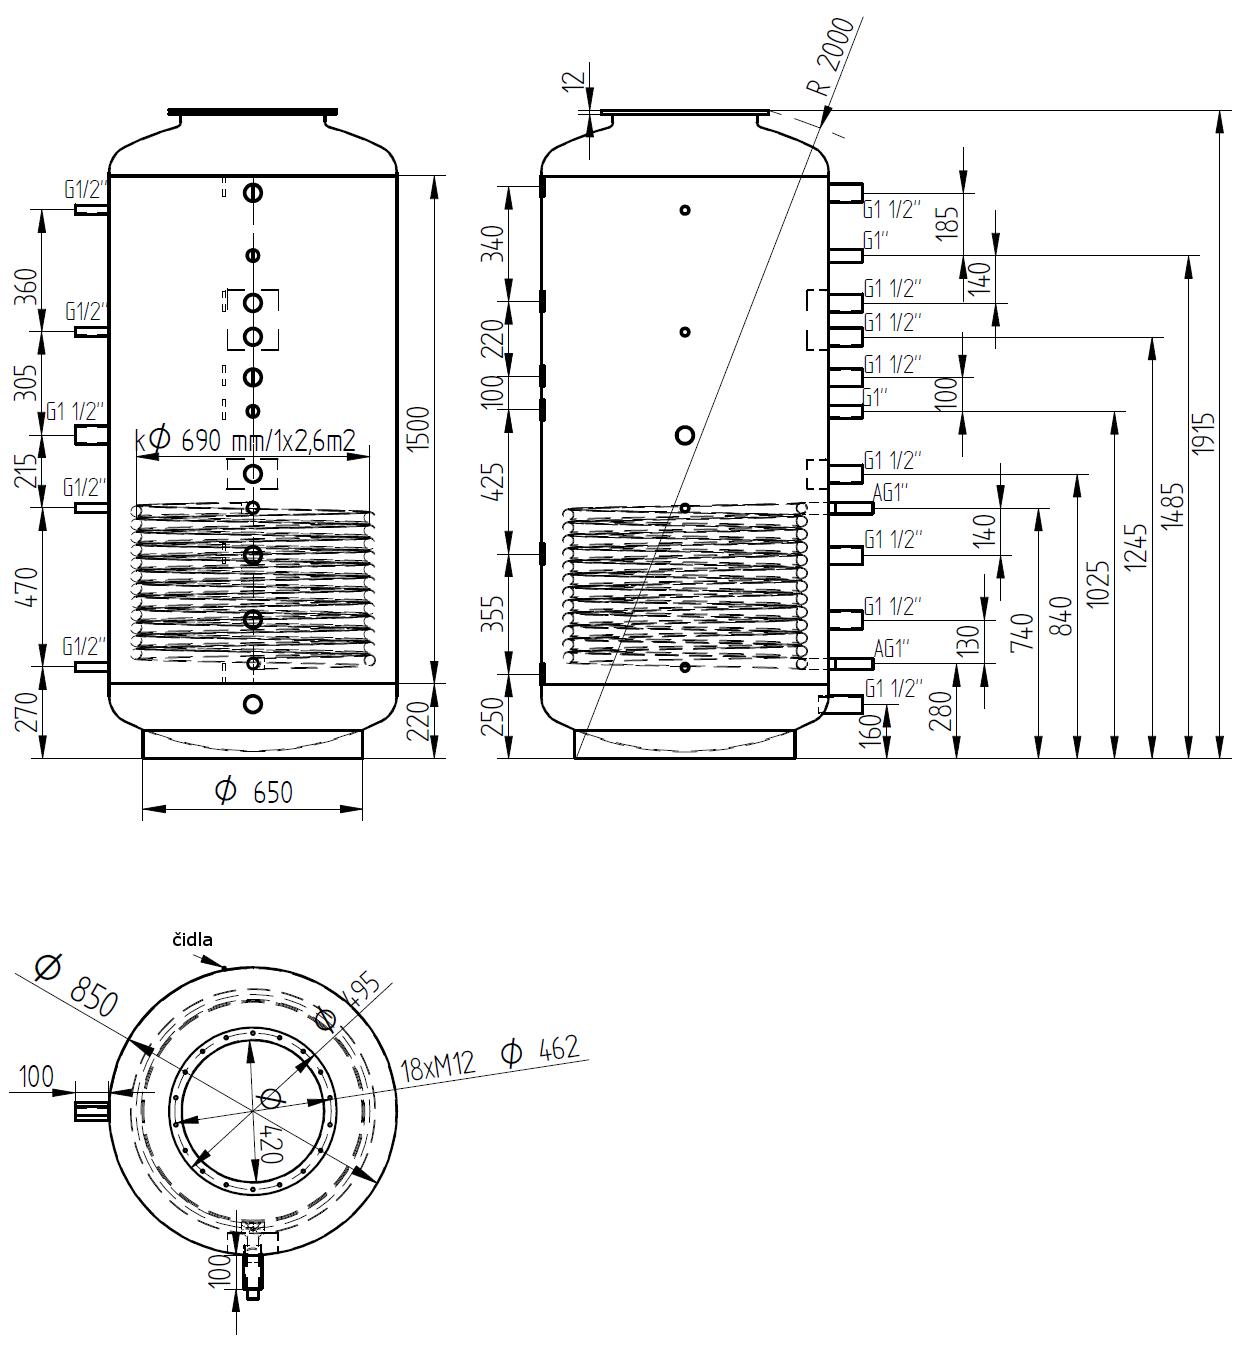 Nákres akumulační nádrže LMT 1000l d850 1V